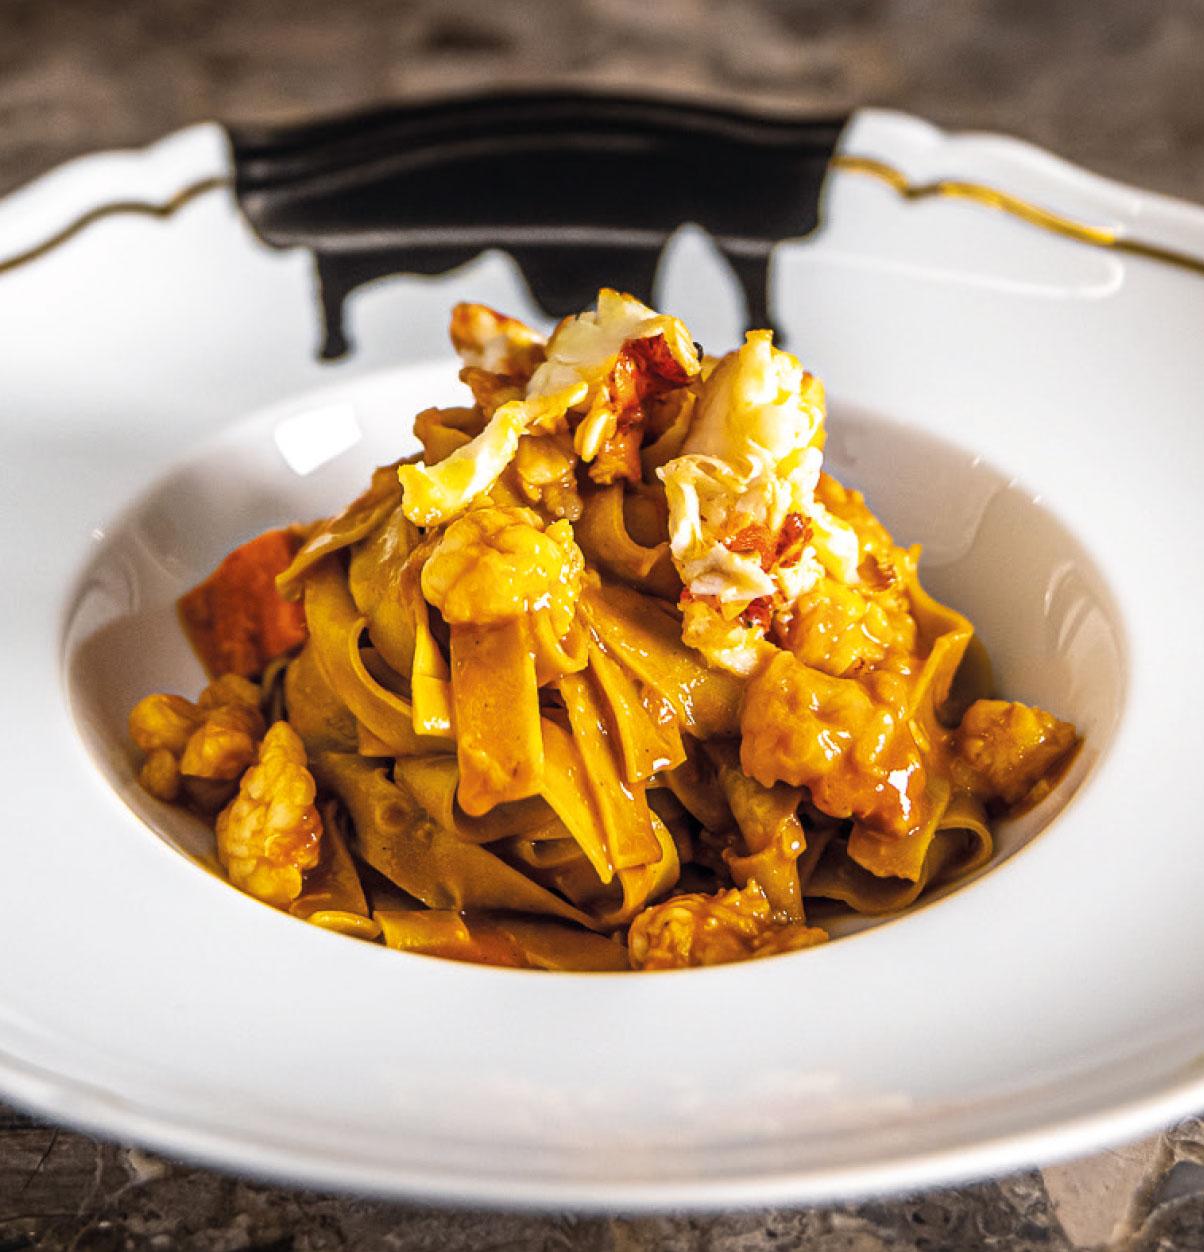 Tagliatelle all'Astice dello chef Matias Perdomo per il ristorante EXIT Pastificio Urbano di Milano